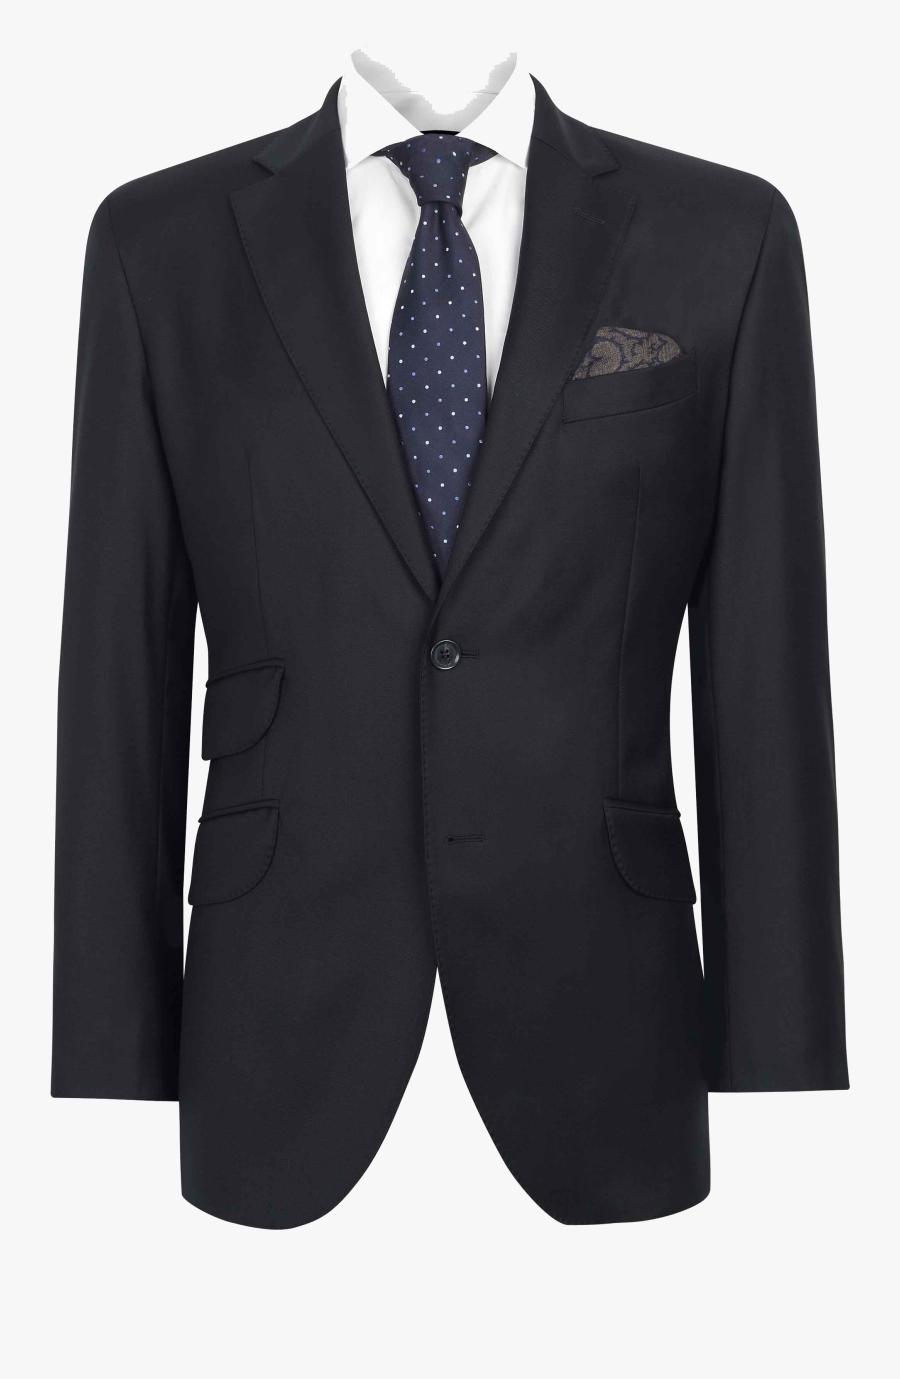 Suit Hd Png Transparent - Suit Transparent, Transparent Clipart